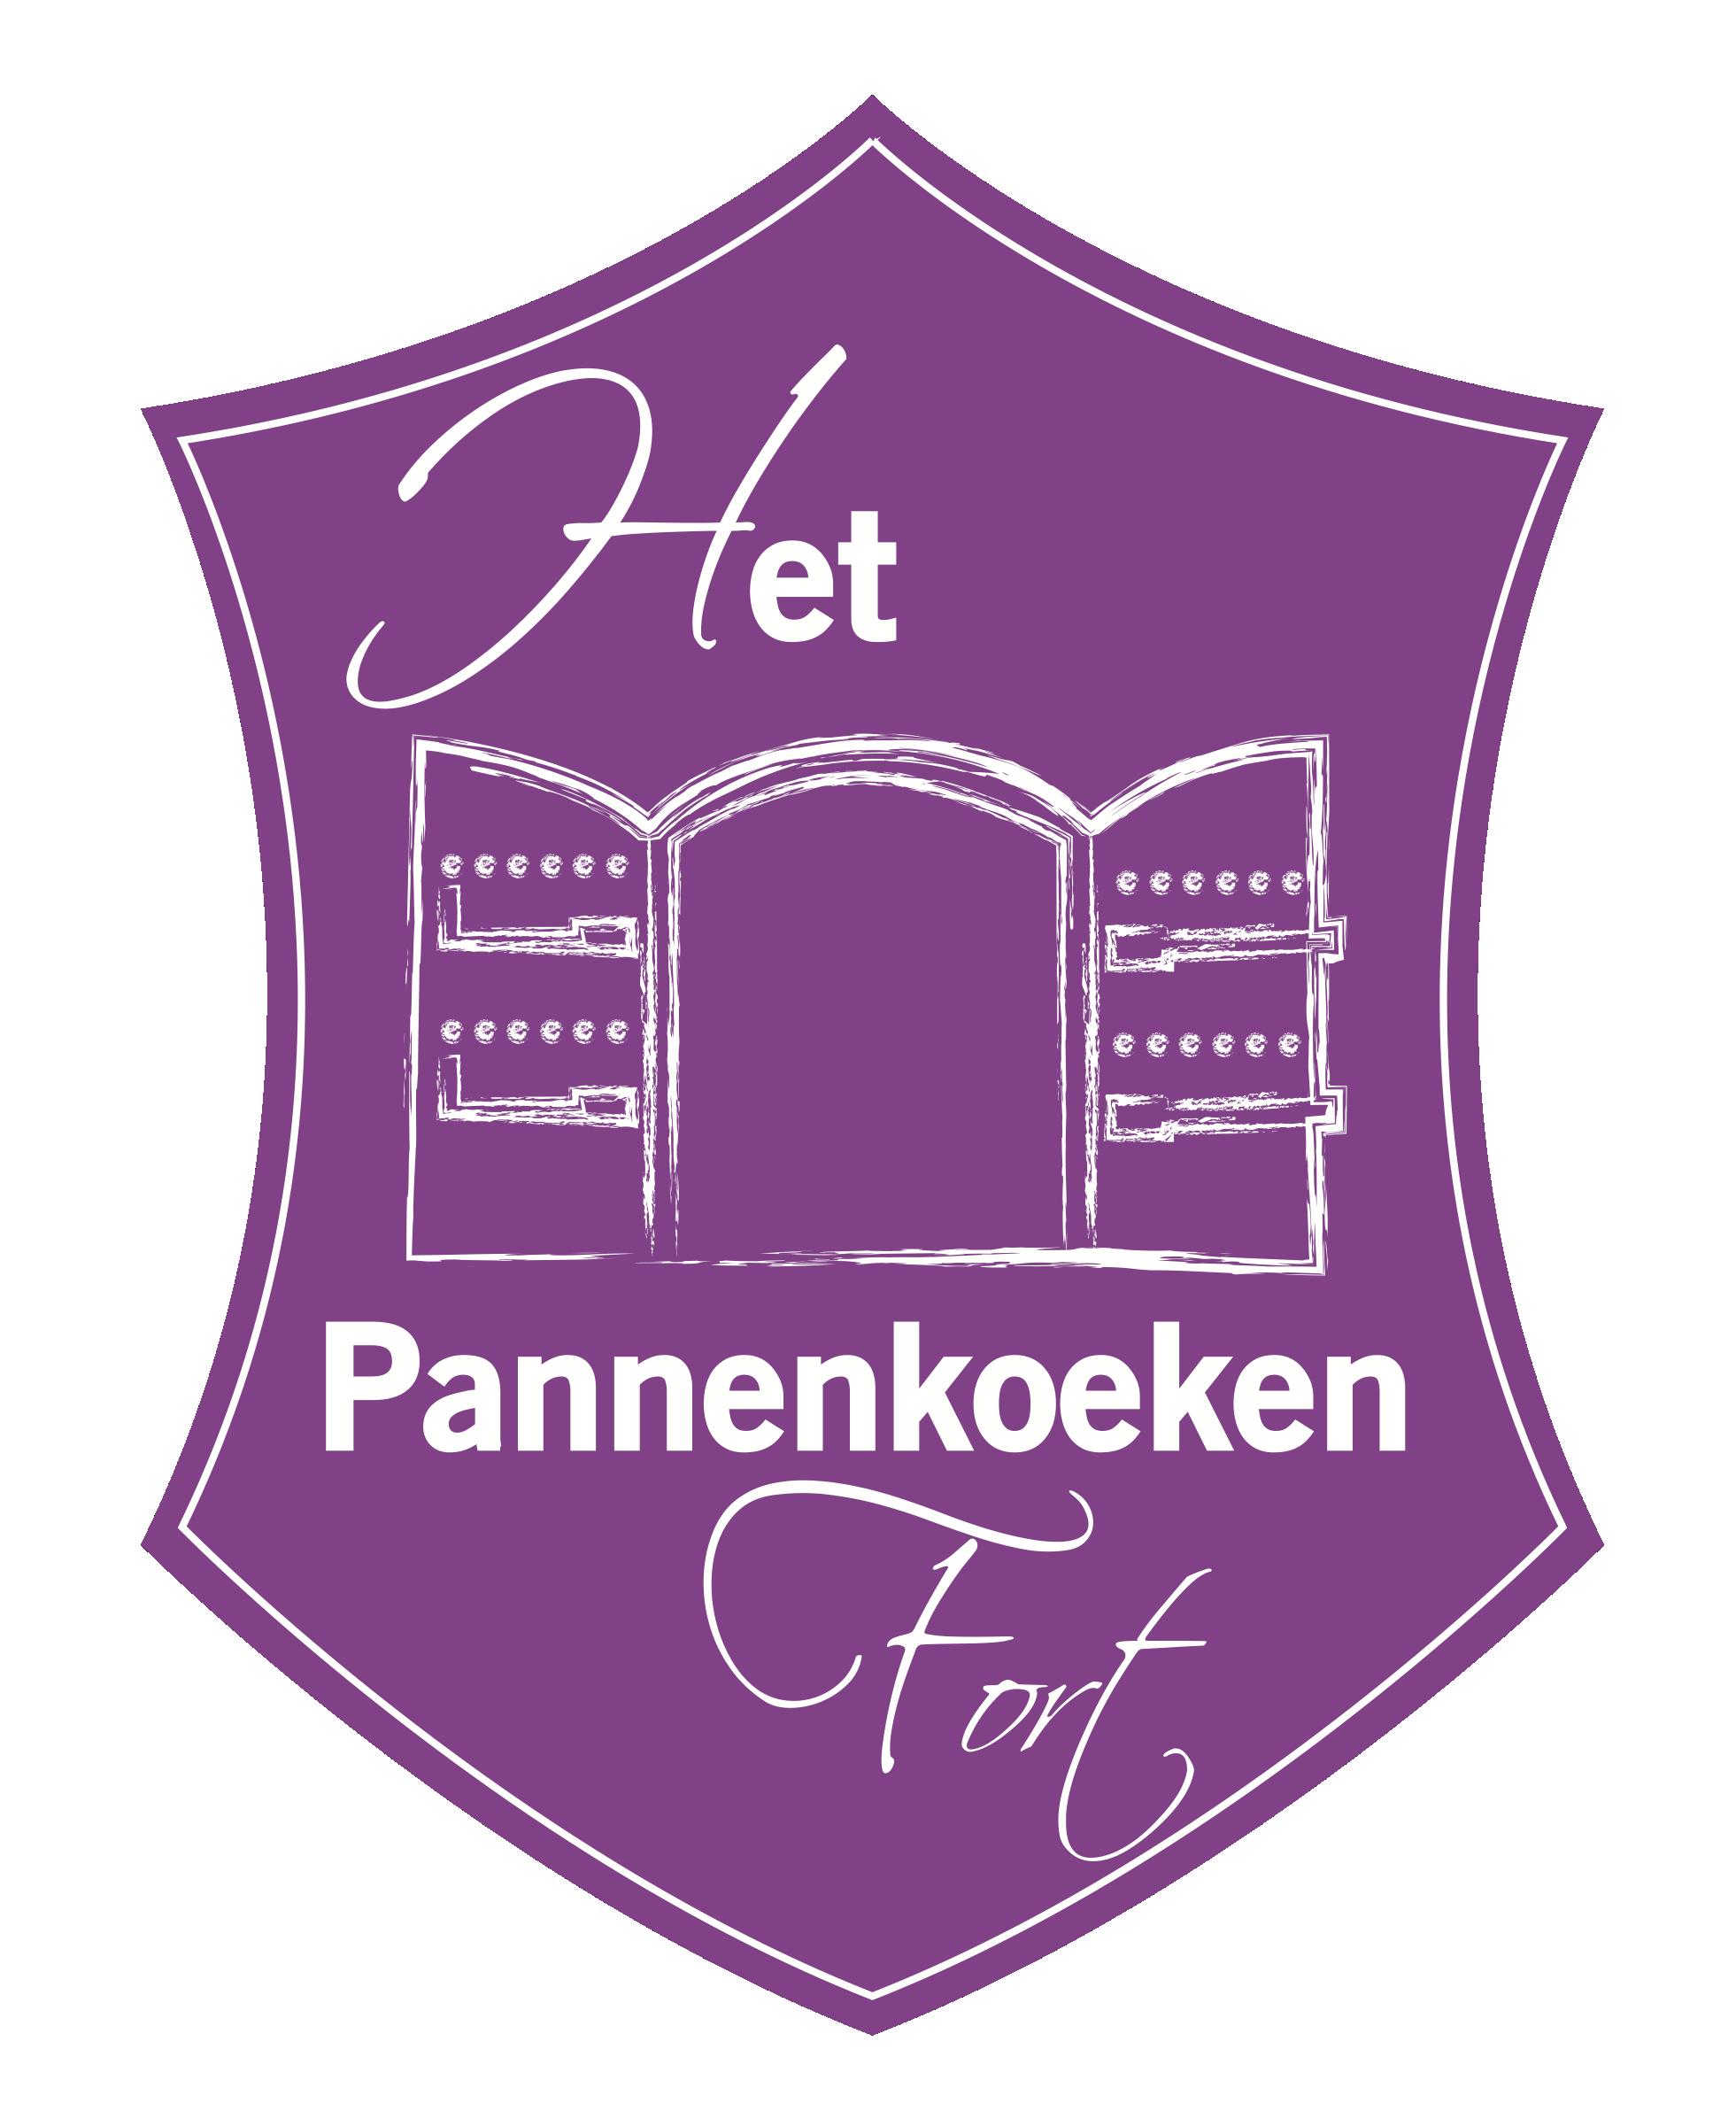 Pannenkoekenfort Logo